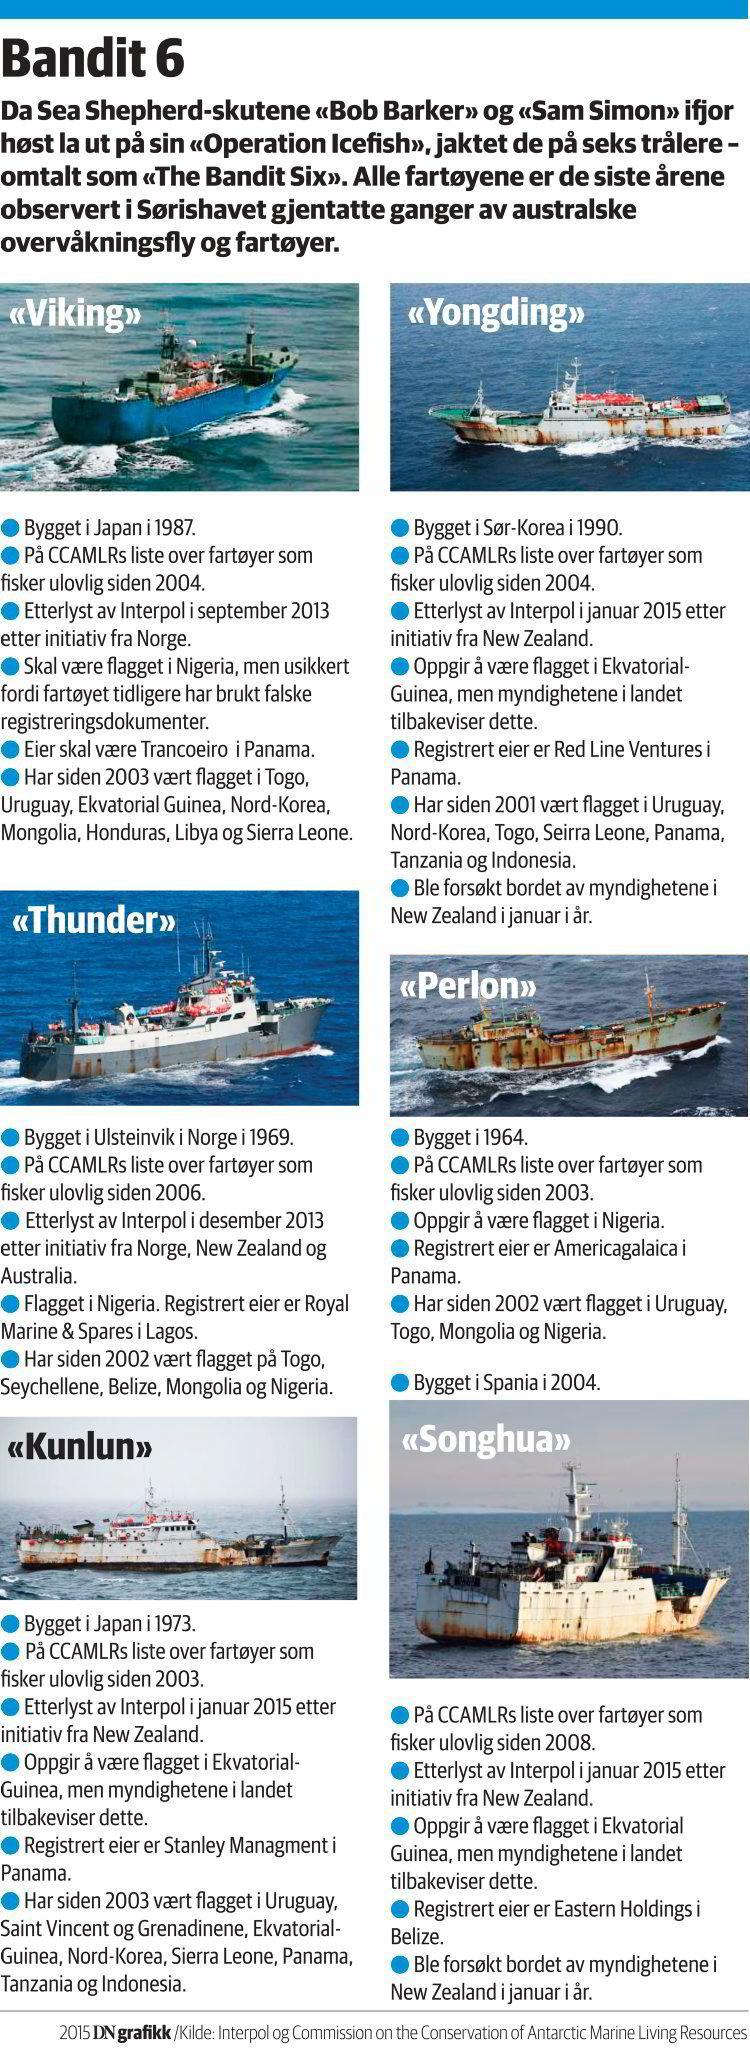 Marinesoldater fra New Zealand forsøker å borde den svartelistede piratfiskeren «Kunlun» i Januar i år. Fartøyet, som nå ligger i arrest i Thailand, er forsikret hos British Marine.